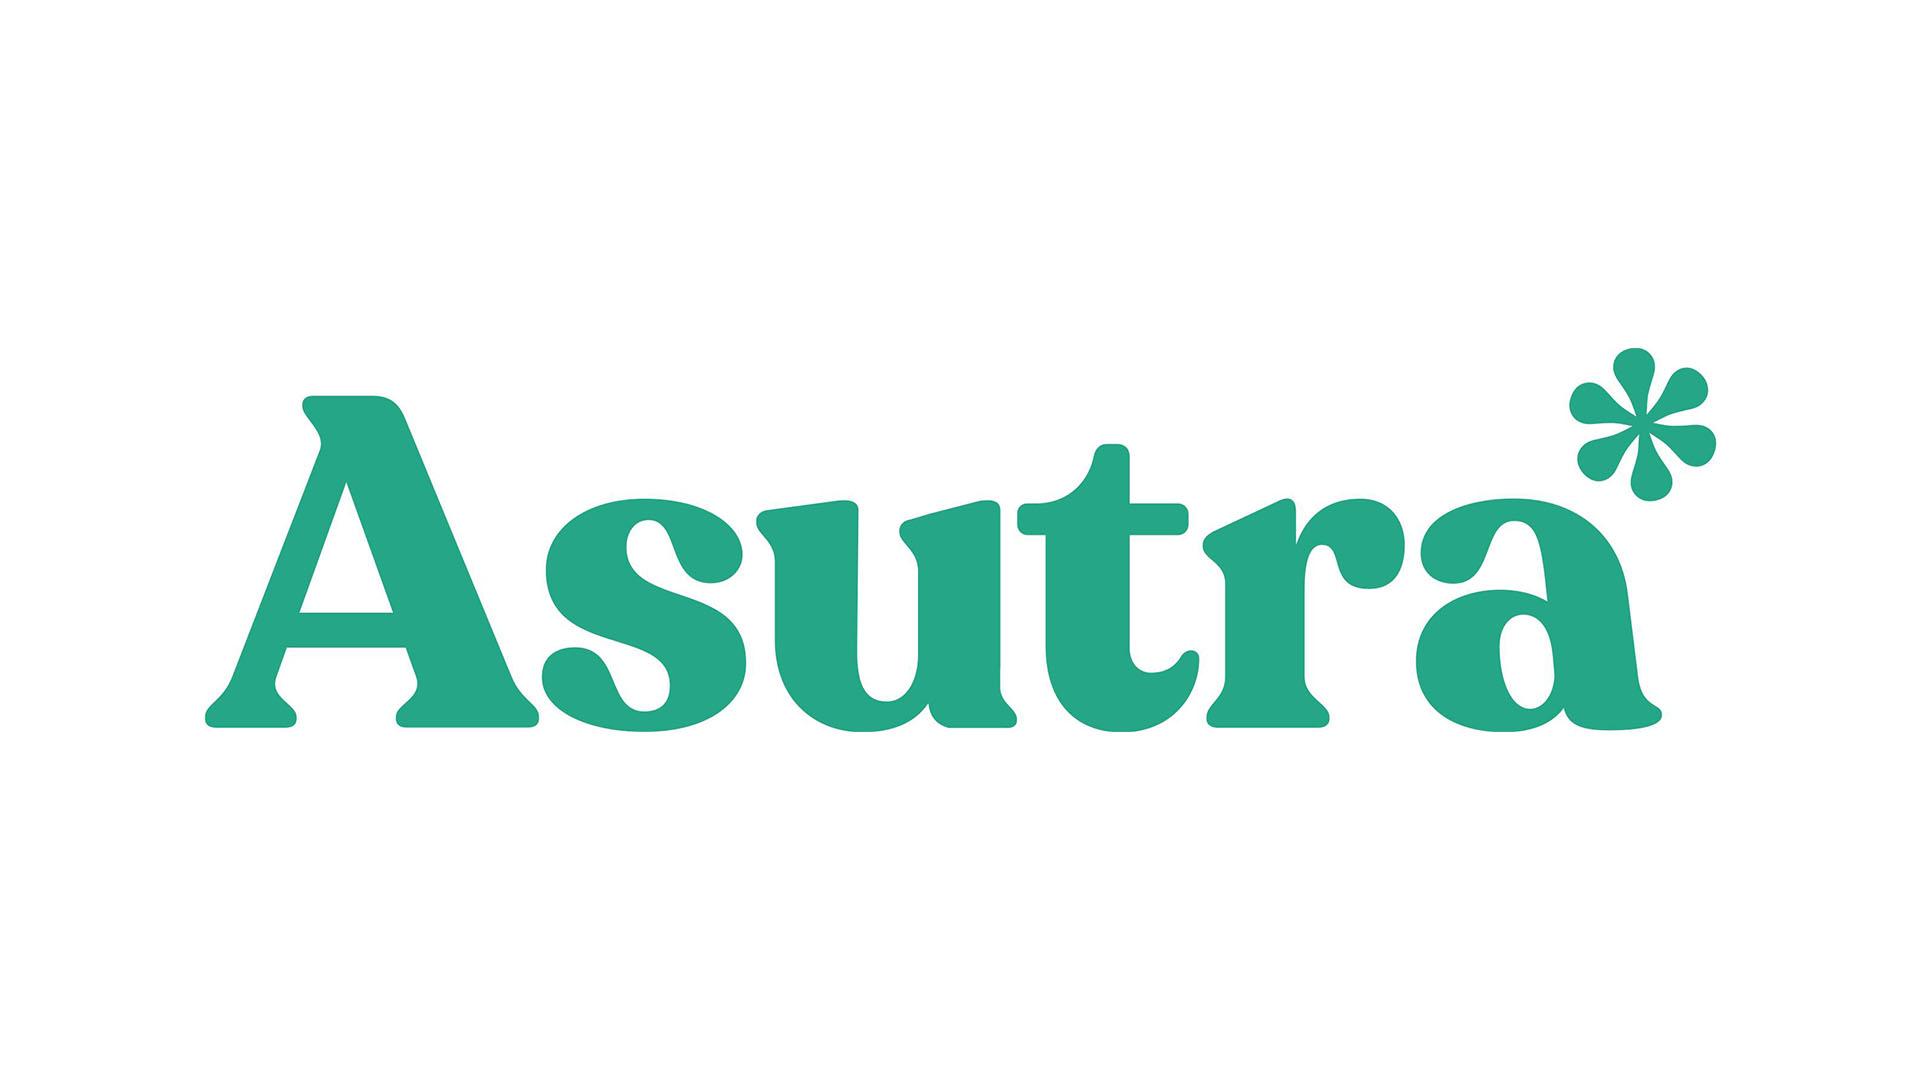 ME-Web_0001_Asutra_logo_rgb_col.1.jpg